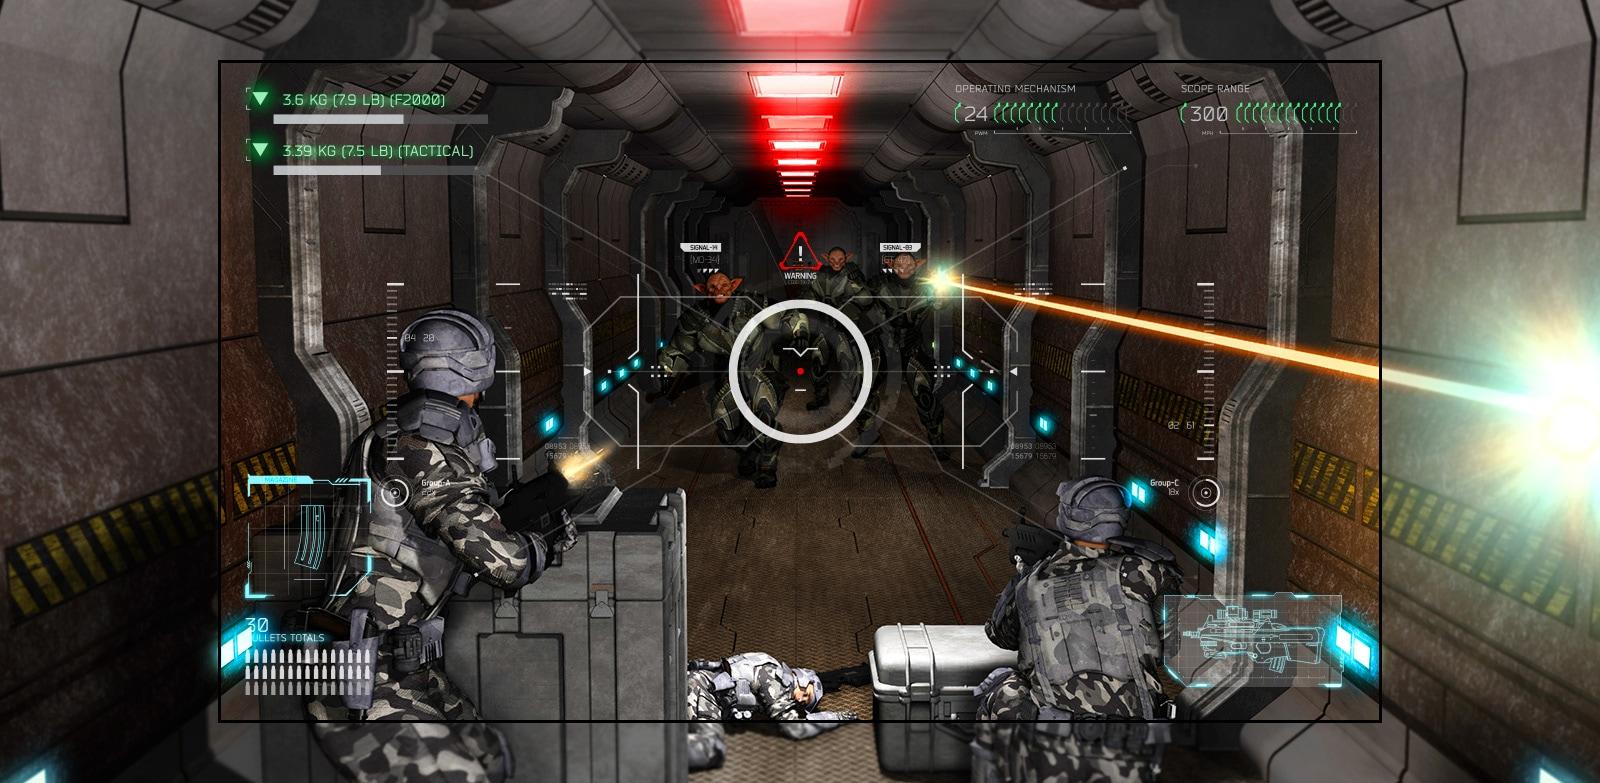 Televizní obrazovka se scénou ze střílečky, kde je hráč přečíslen mimozemšťany se zbraněmi.